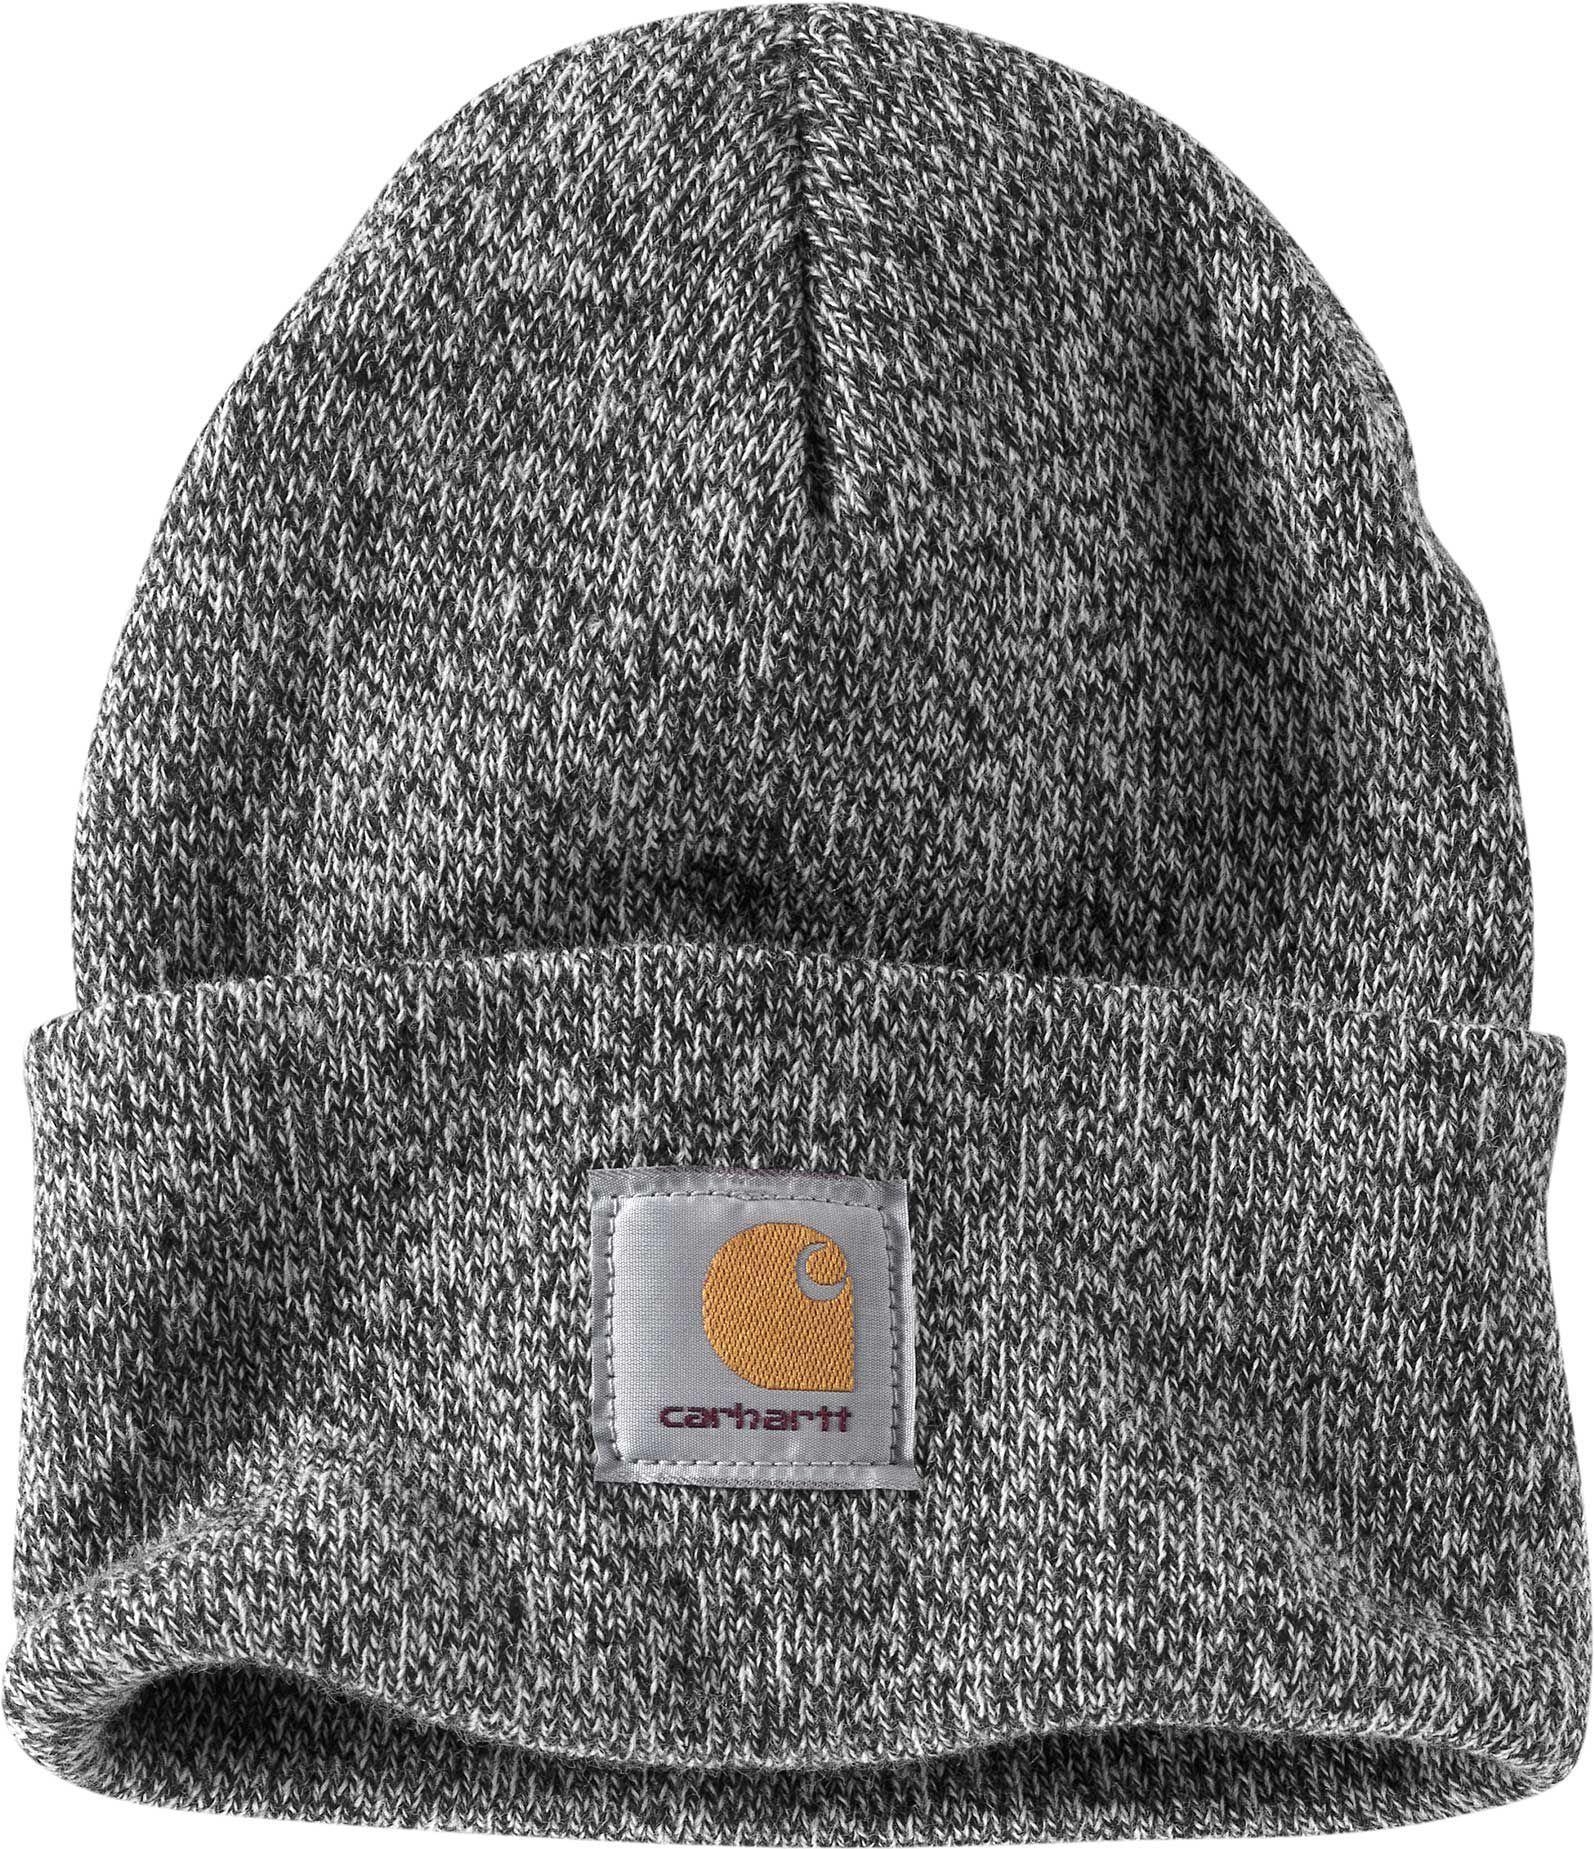 CARHARTT WIP Scott Watch Hat bonnet à revert Black   Snow beanie ... 127de66ccc80